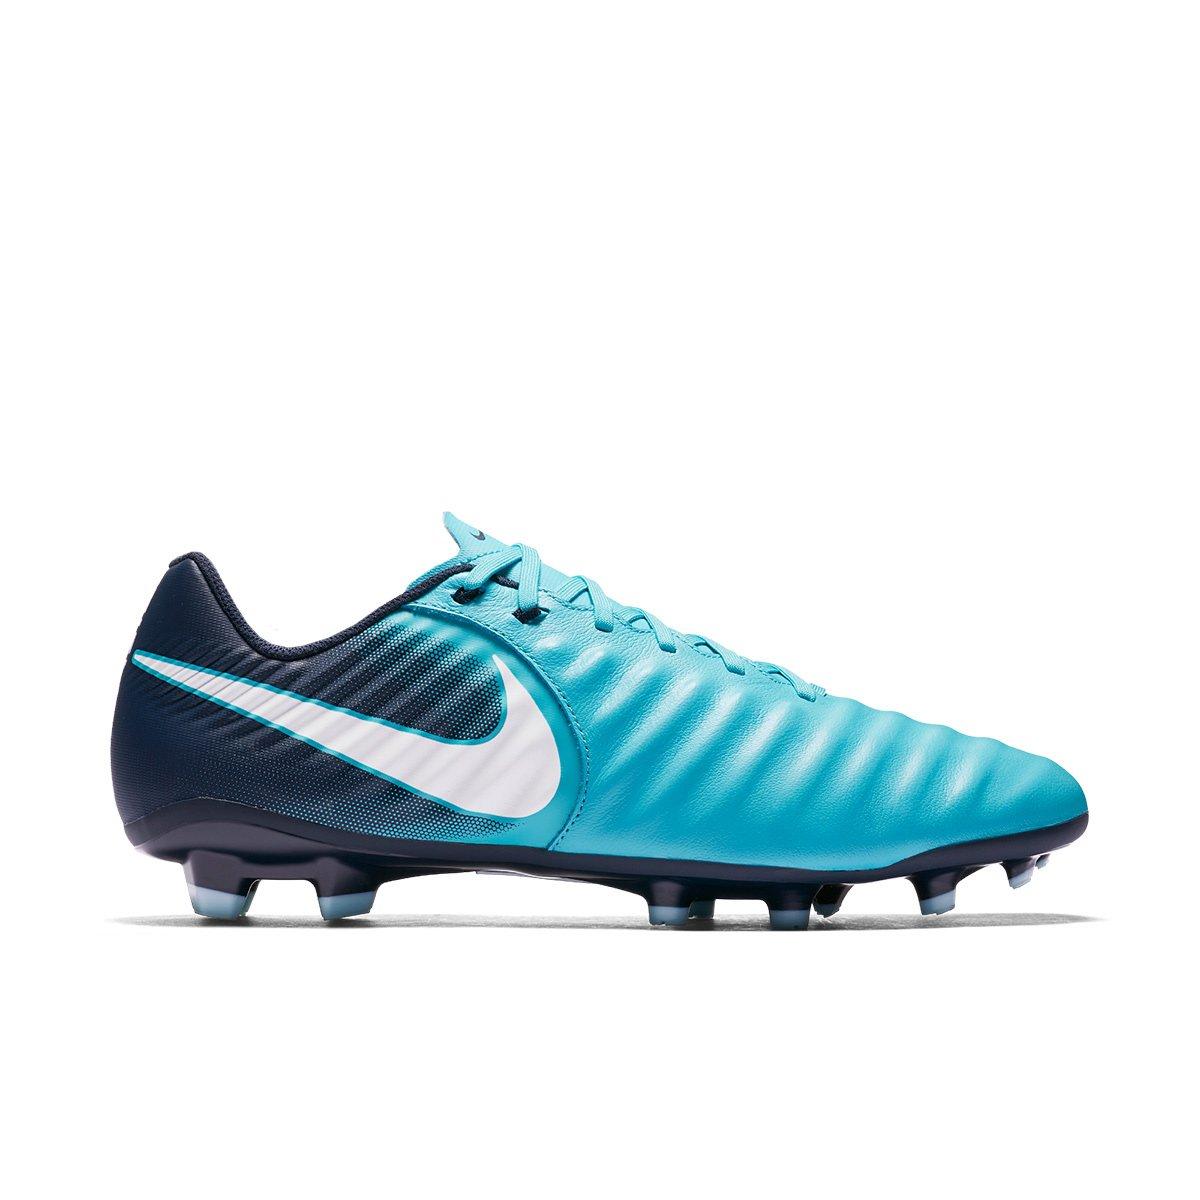 cc049dd12c Chuteira Campo Nike Tiempo Ligera IV FG 897744-414 Marinho Azul